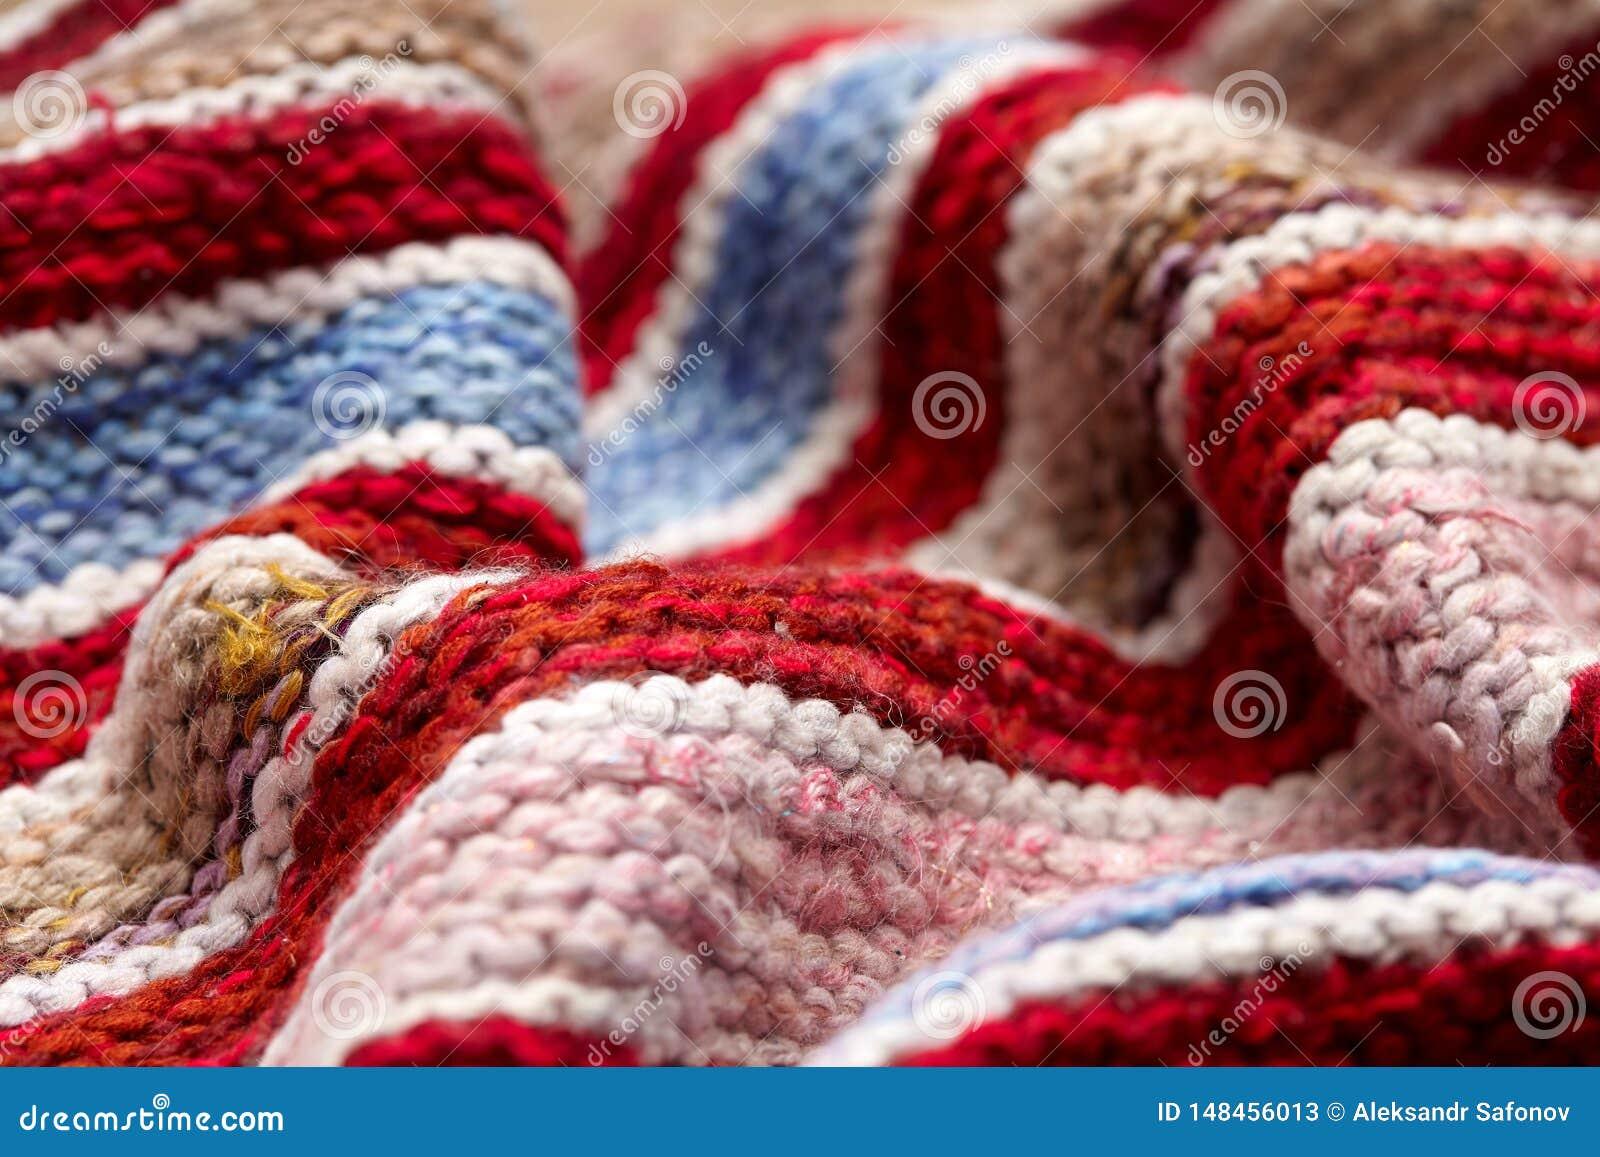 Olika kulöra band på den stack tygyttersidan bakgrundsnärbild av retro filtar för textiler eller filtar Texturen av